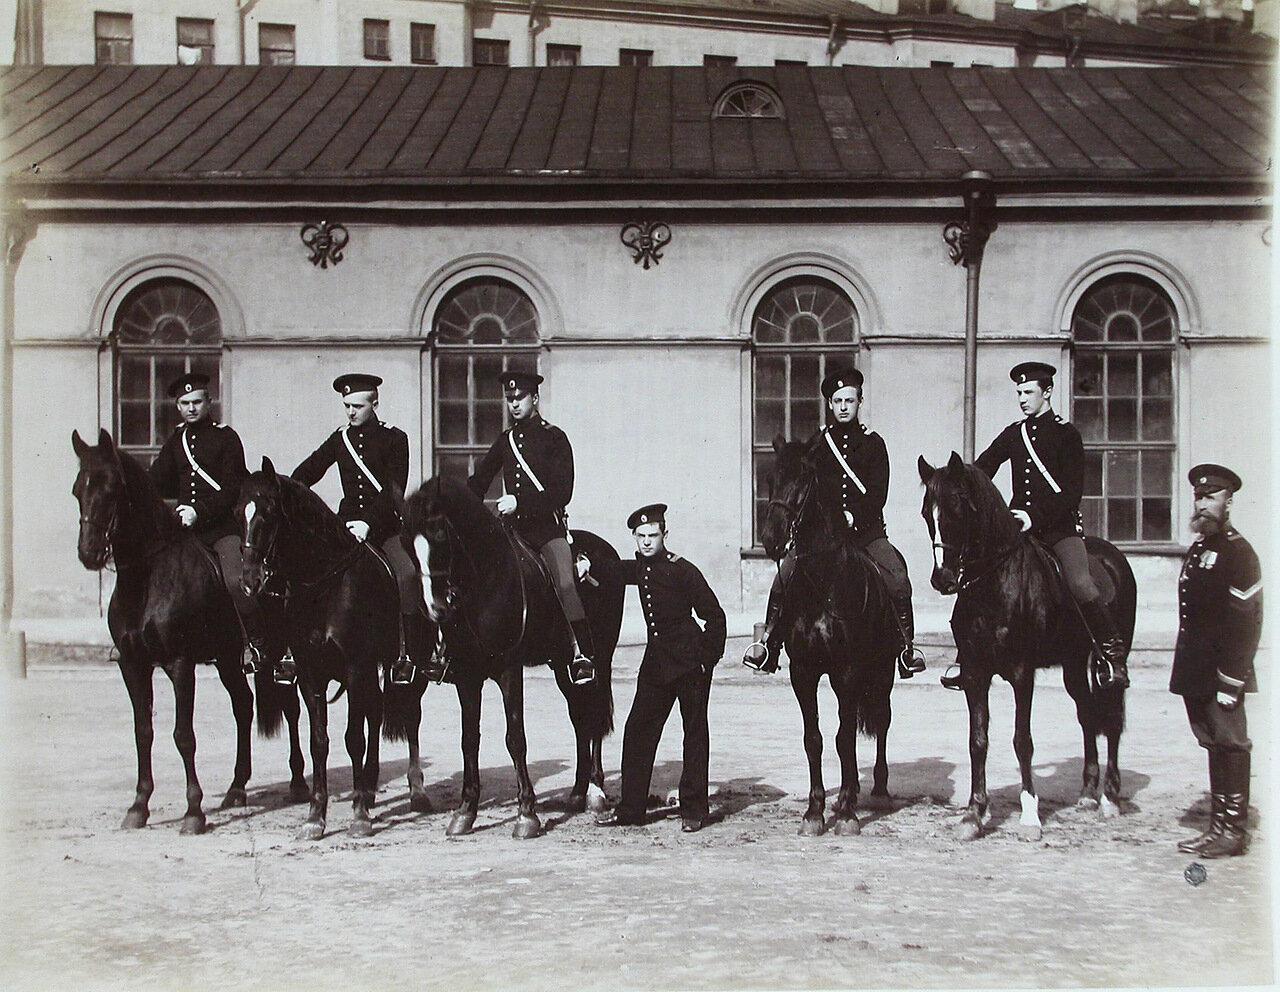 05. Группа пажей - воспитанников корпуса - во время занятий верховой ездой